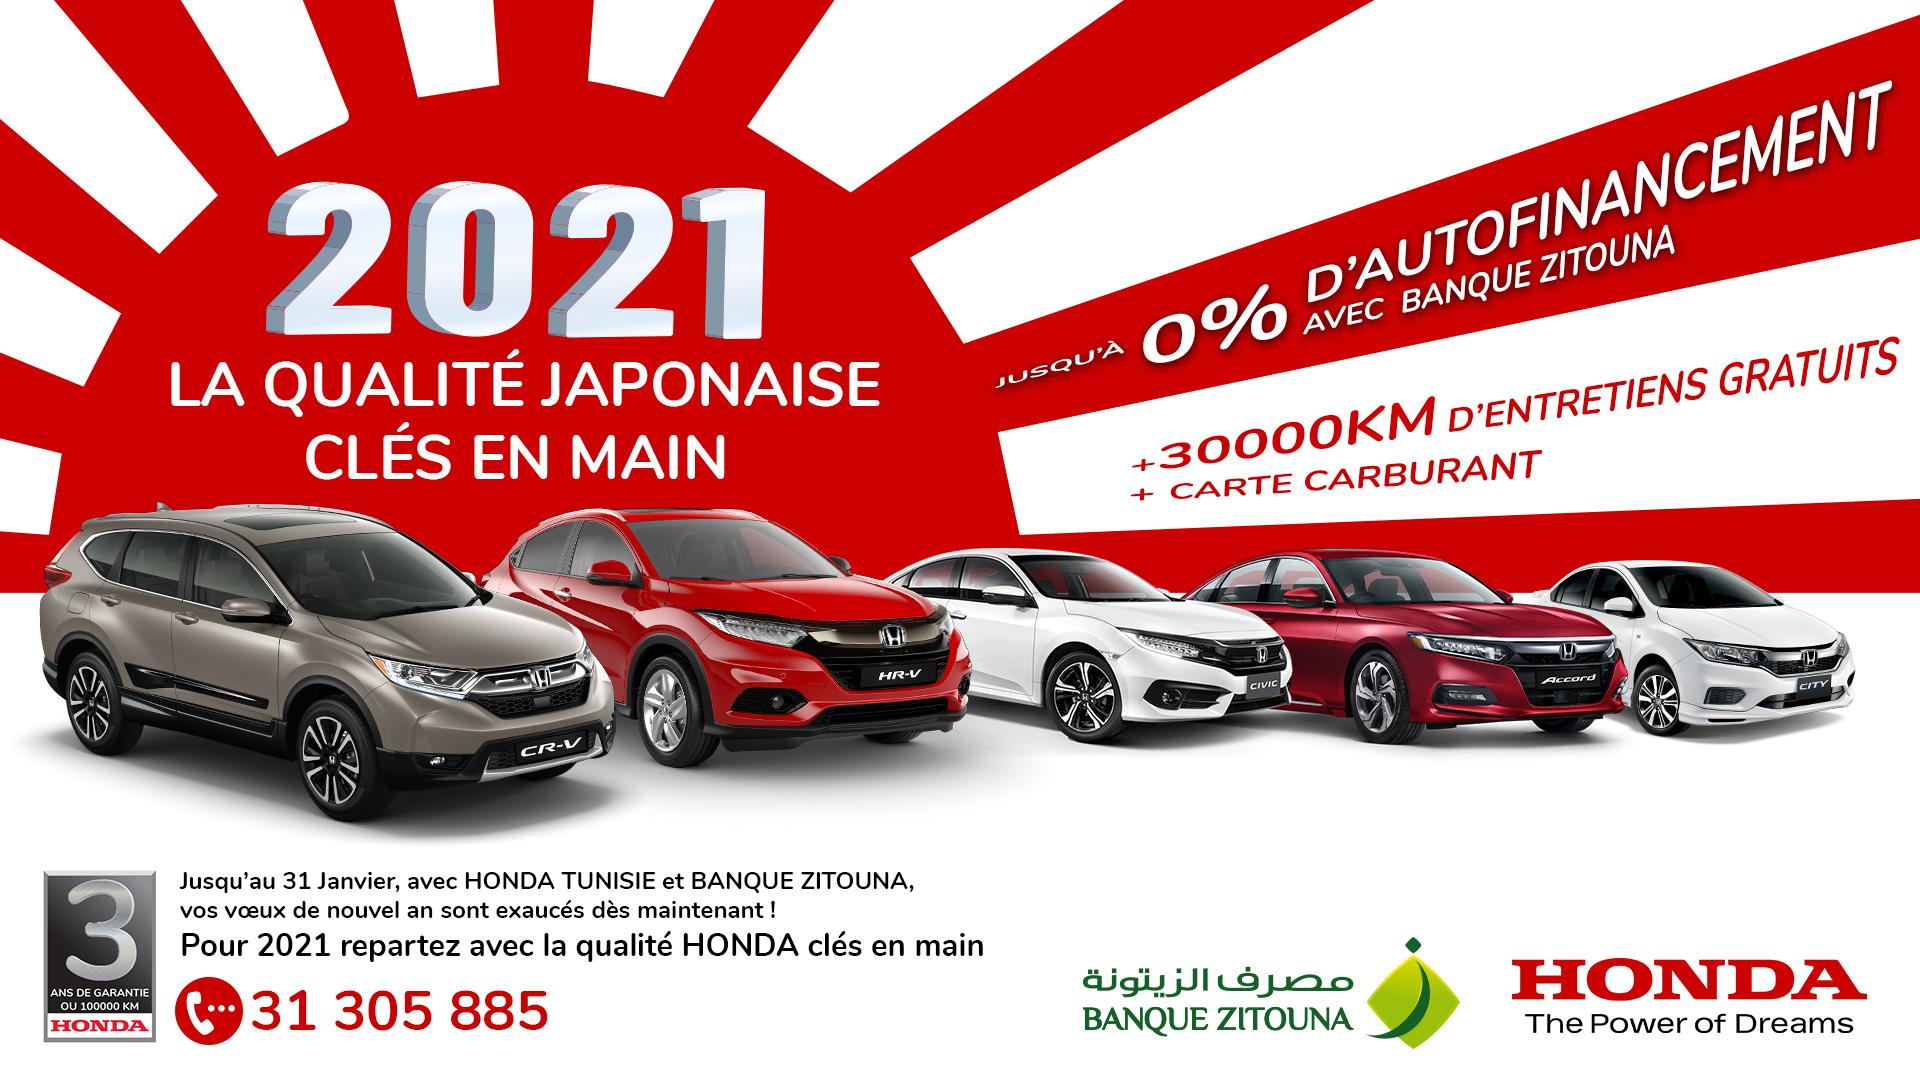 Honda Tunisie offre le plein d'avantages pour la fin d'année, en partenariat avec Banque Zitouna